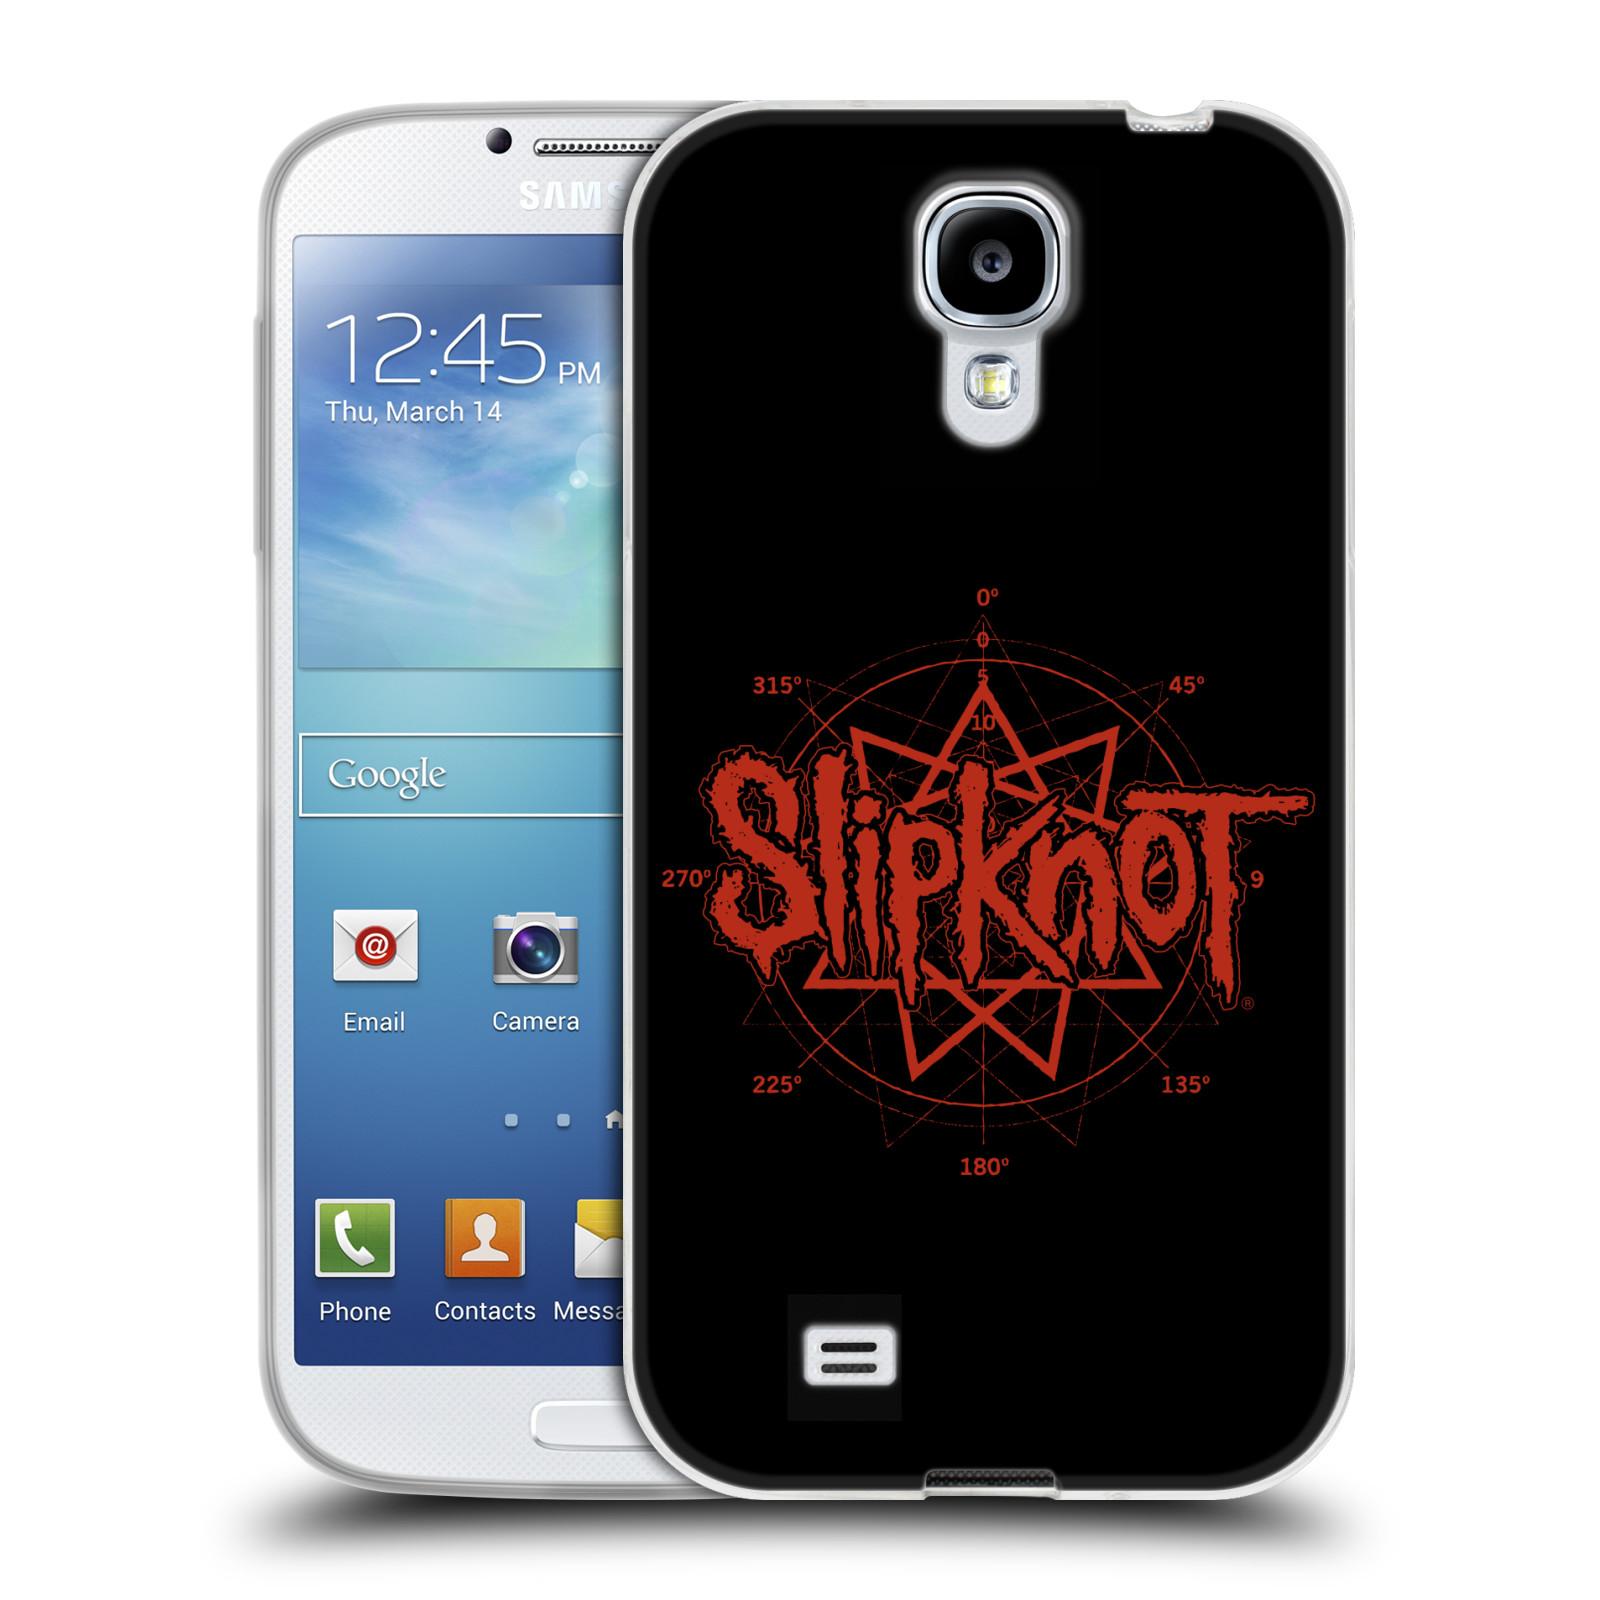 HEAD CASE silikonový obal na mobil Samsung Galaxy S4 hudební skupina Slipknot logo